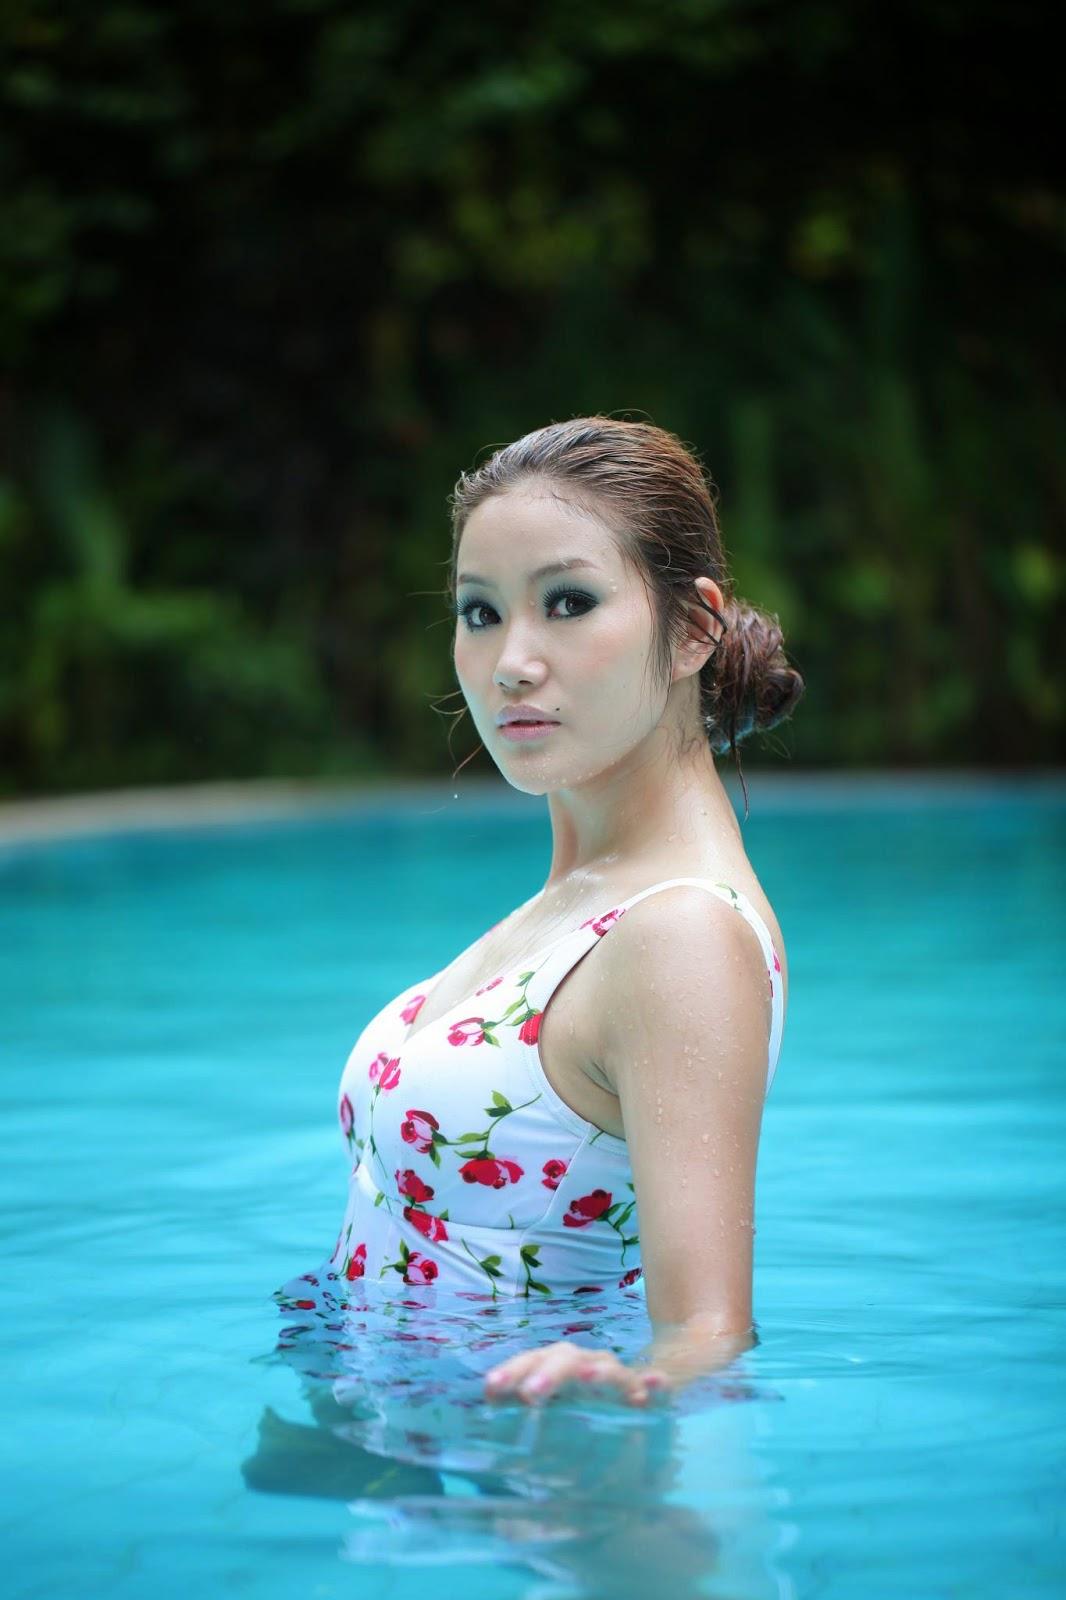 Awn Seng - Swimming Pool Beauty